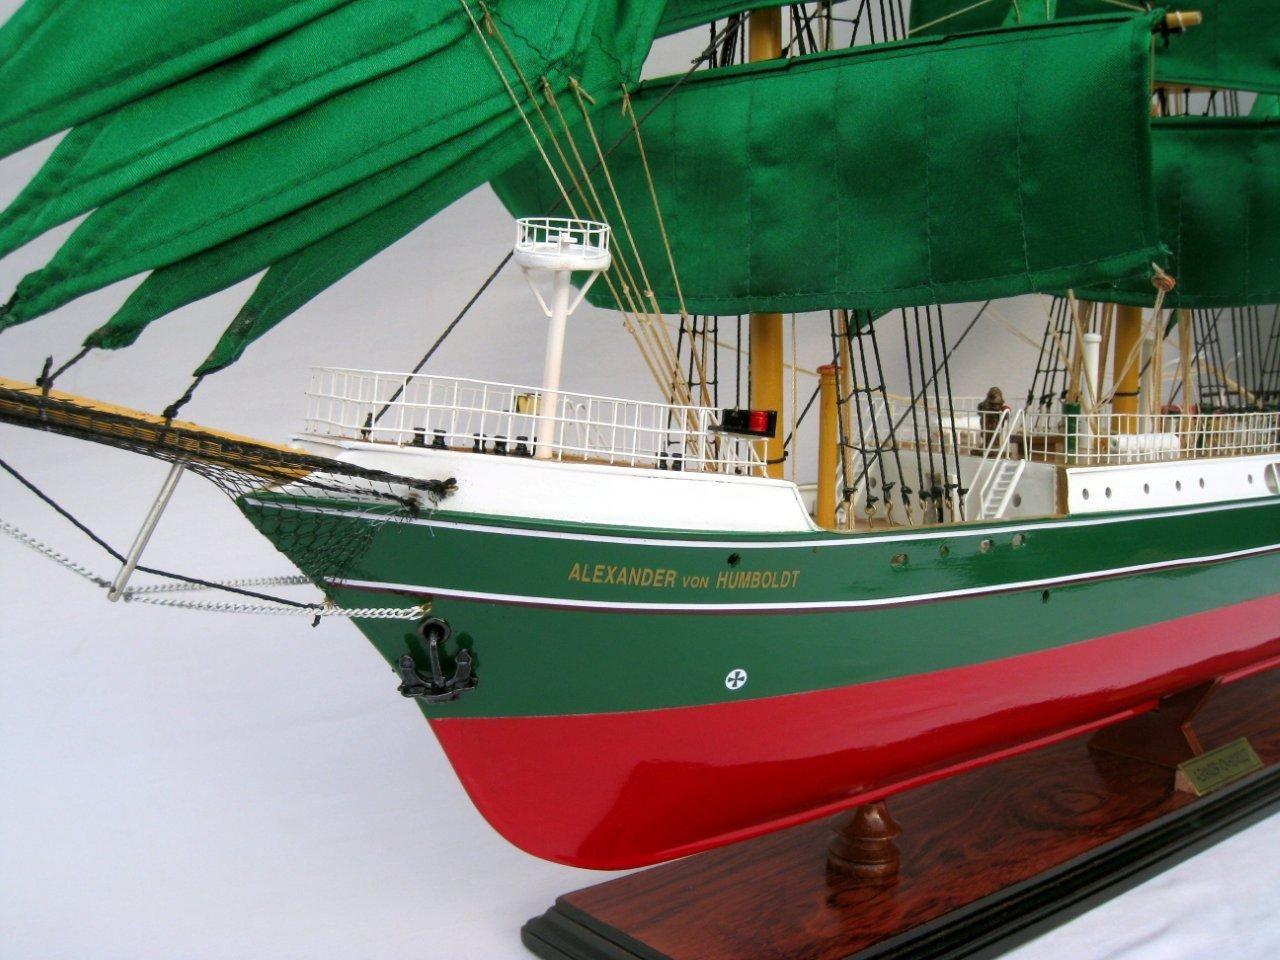 2065-12534-Alexander-von-Humboldt-Model-Ship